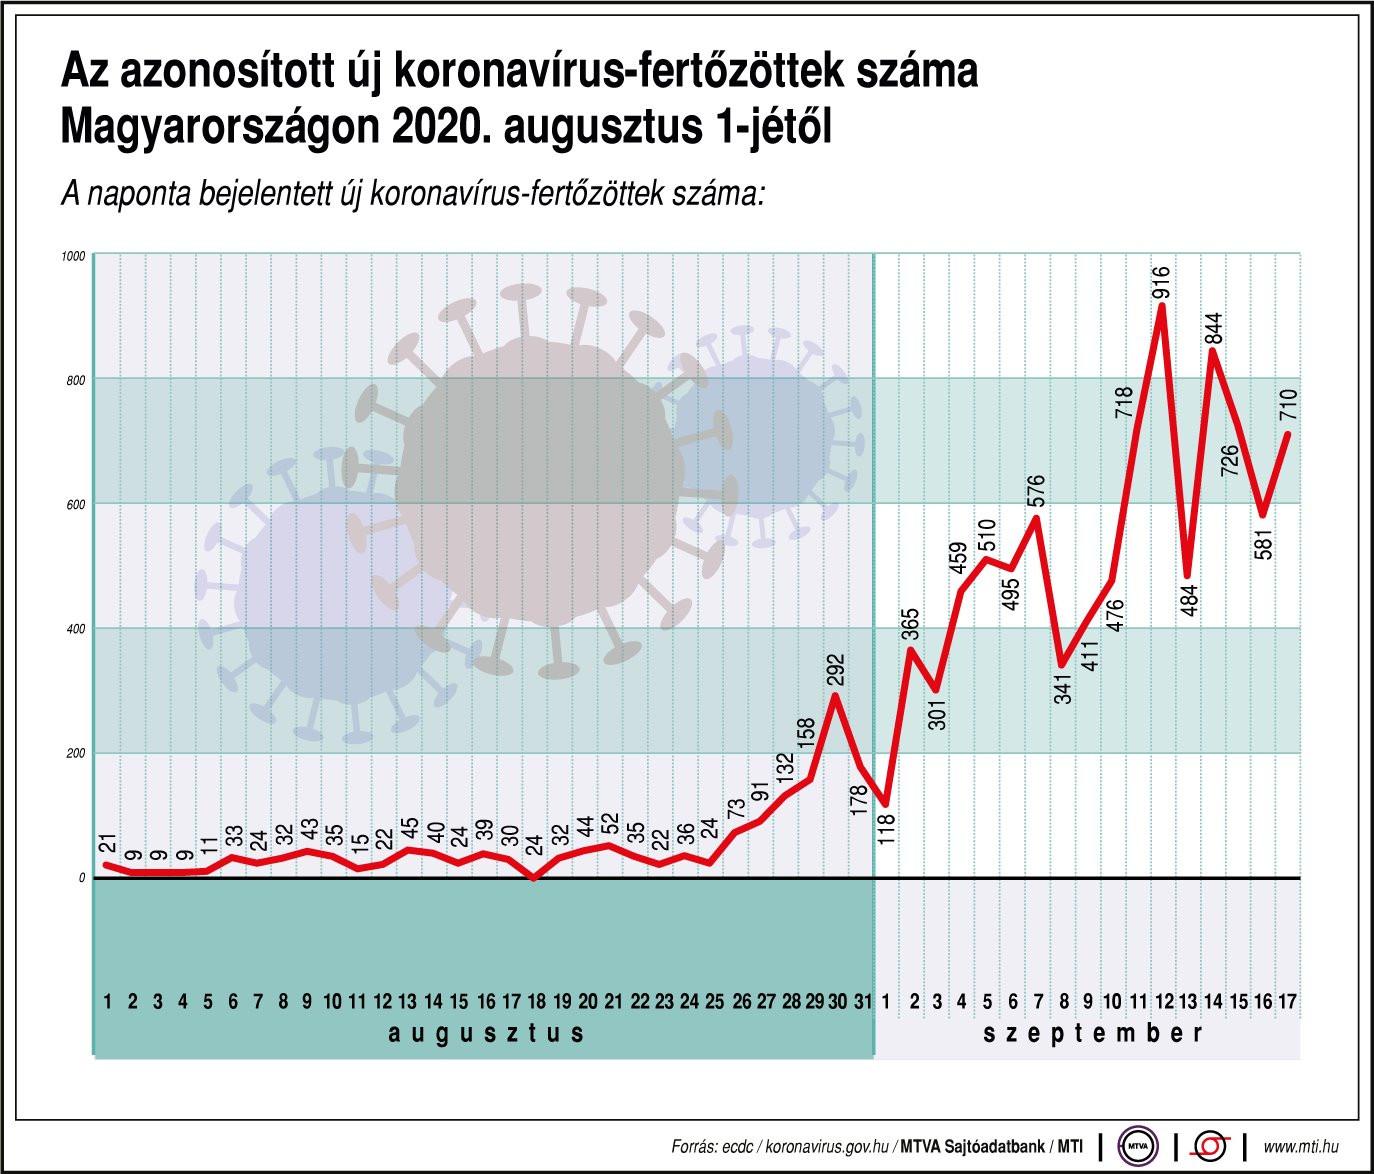 Az azonosított új koronavírus-fertőzöttek száma Magyarországon 2020. augusztus 1-jétől